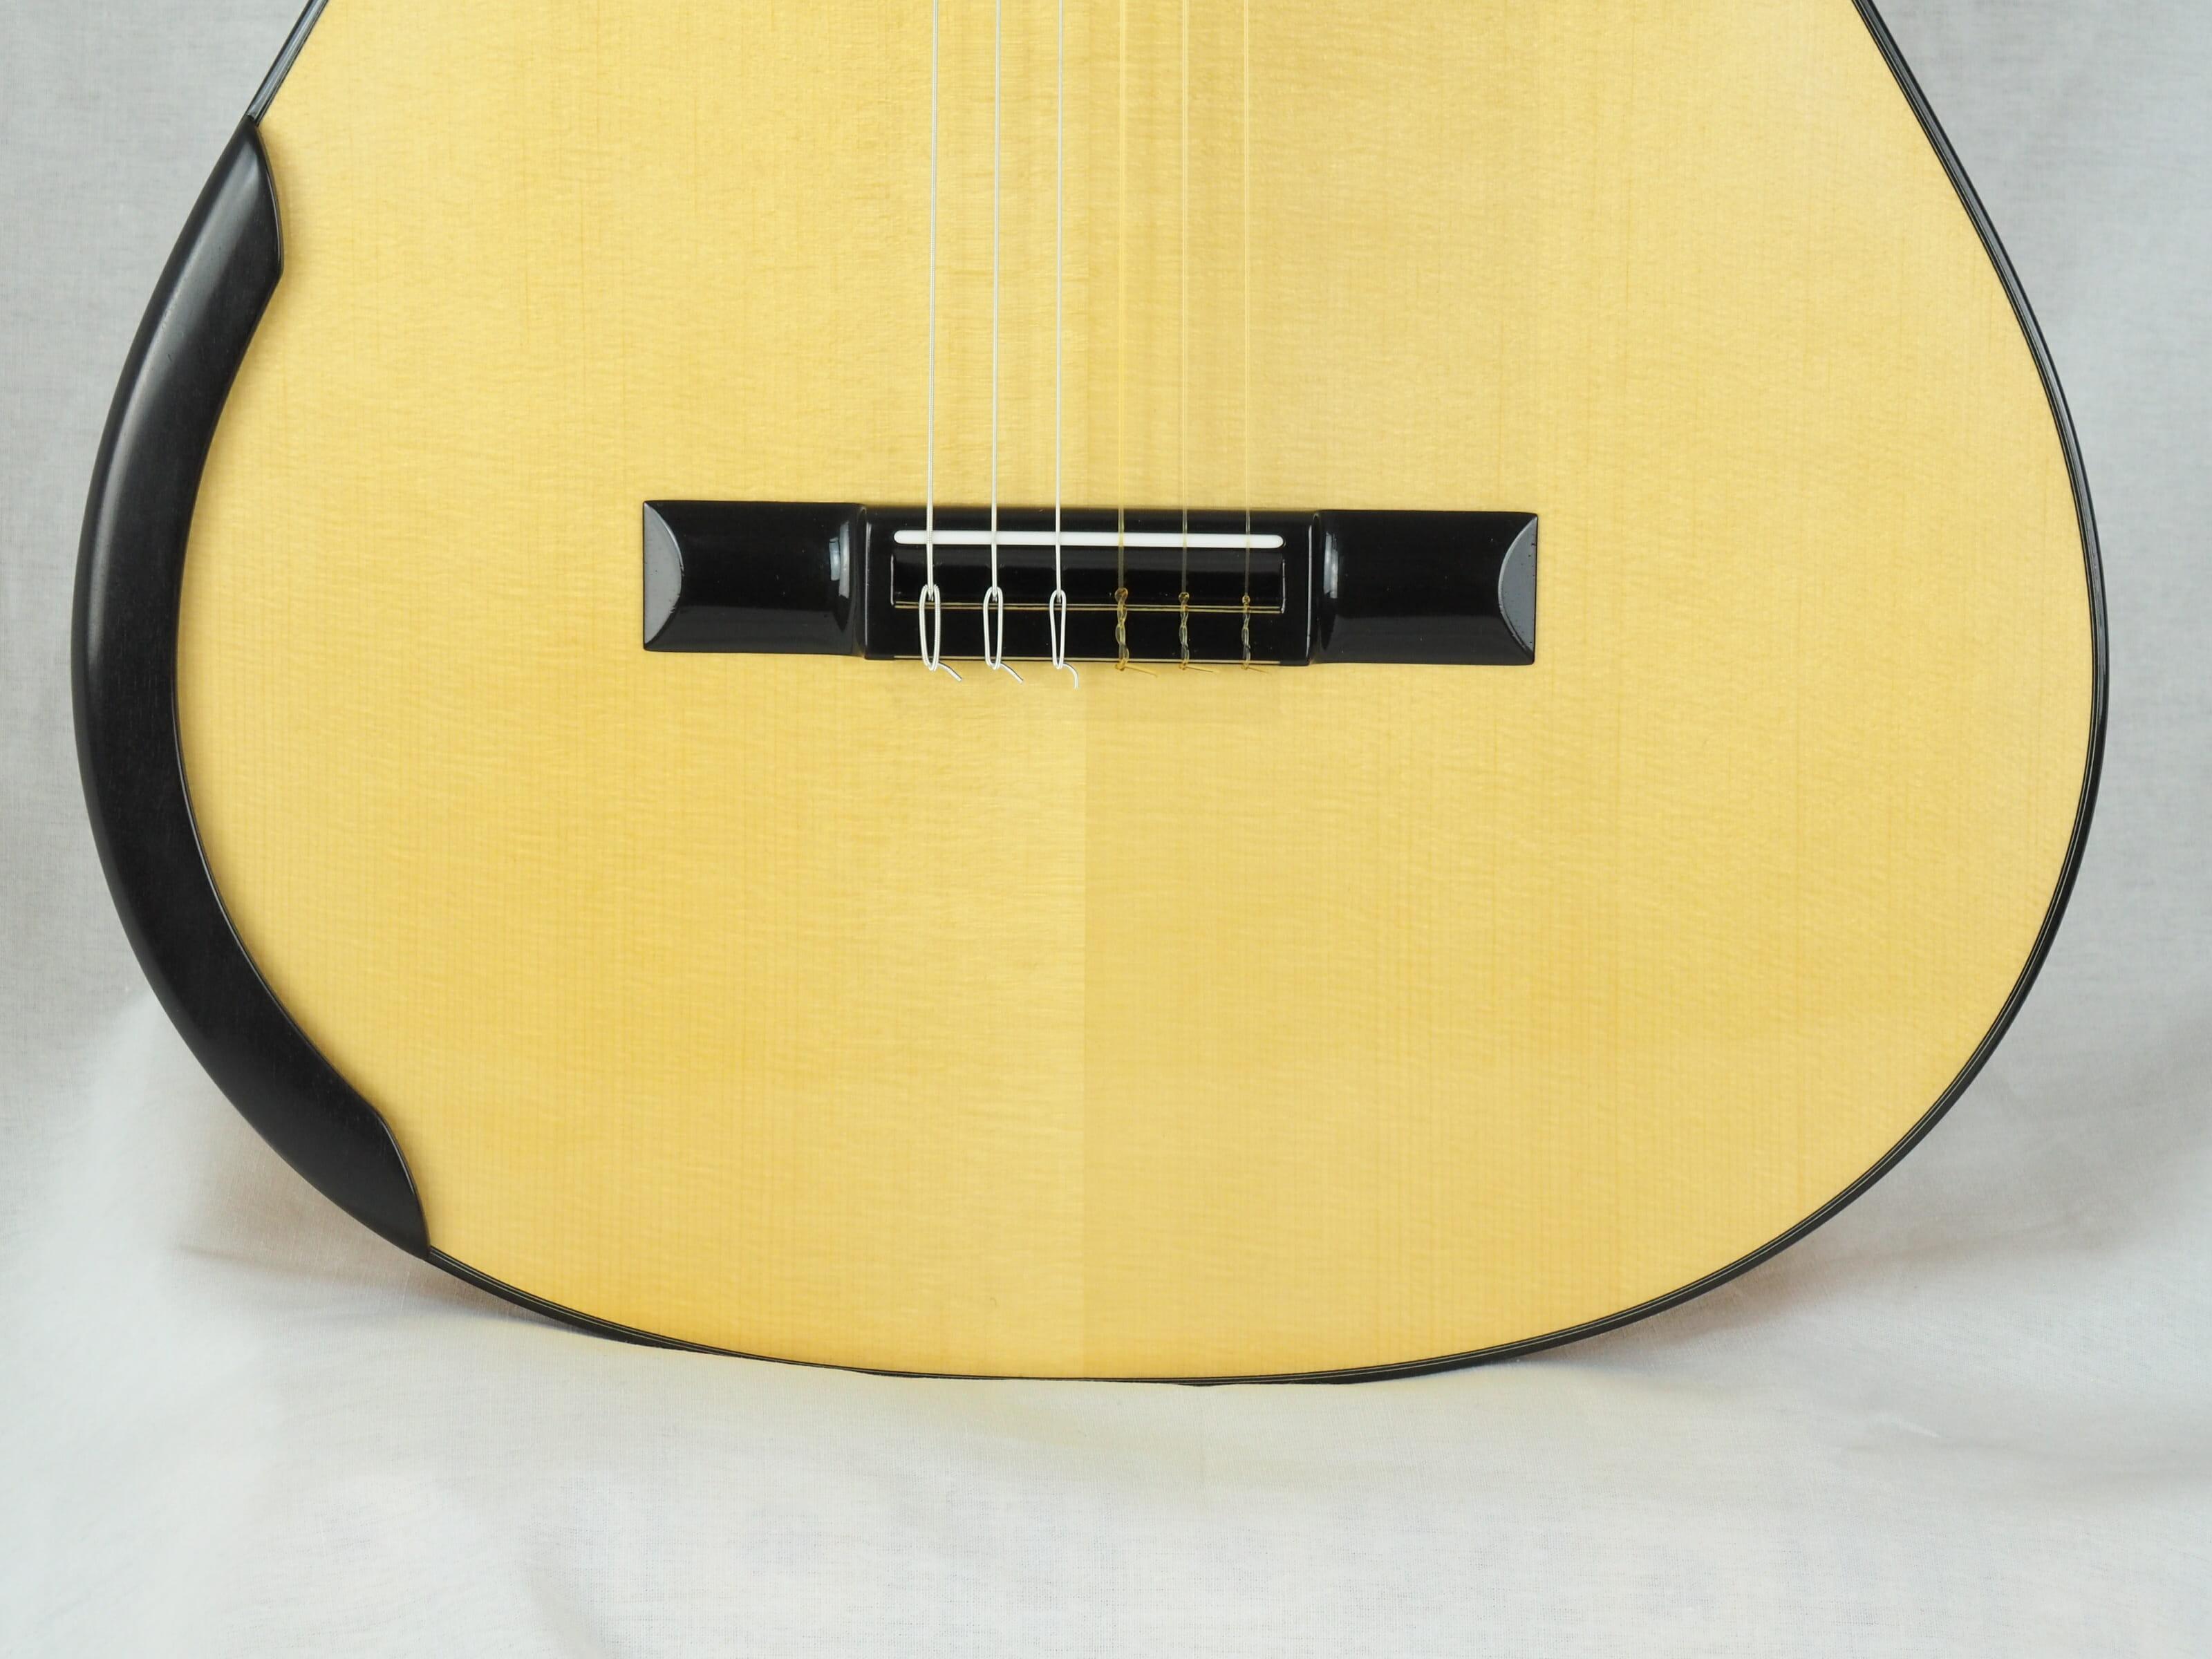 Kim Lissarrague guitare classique luthier No 19LIS311-14